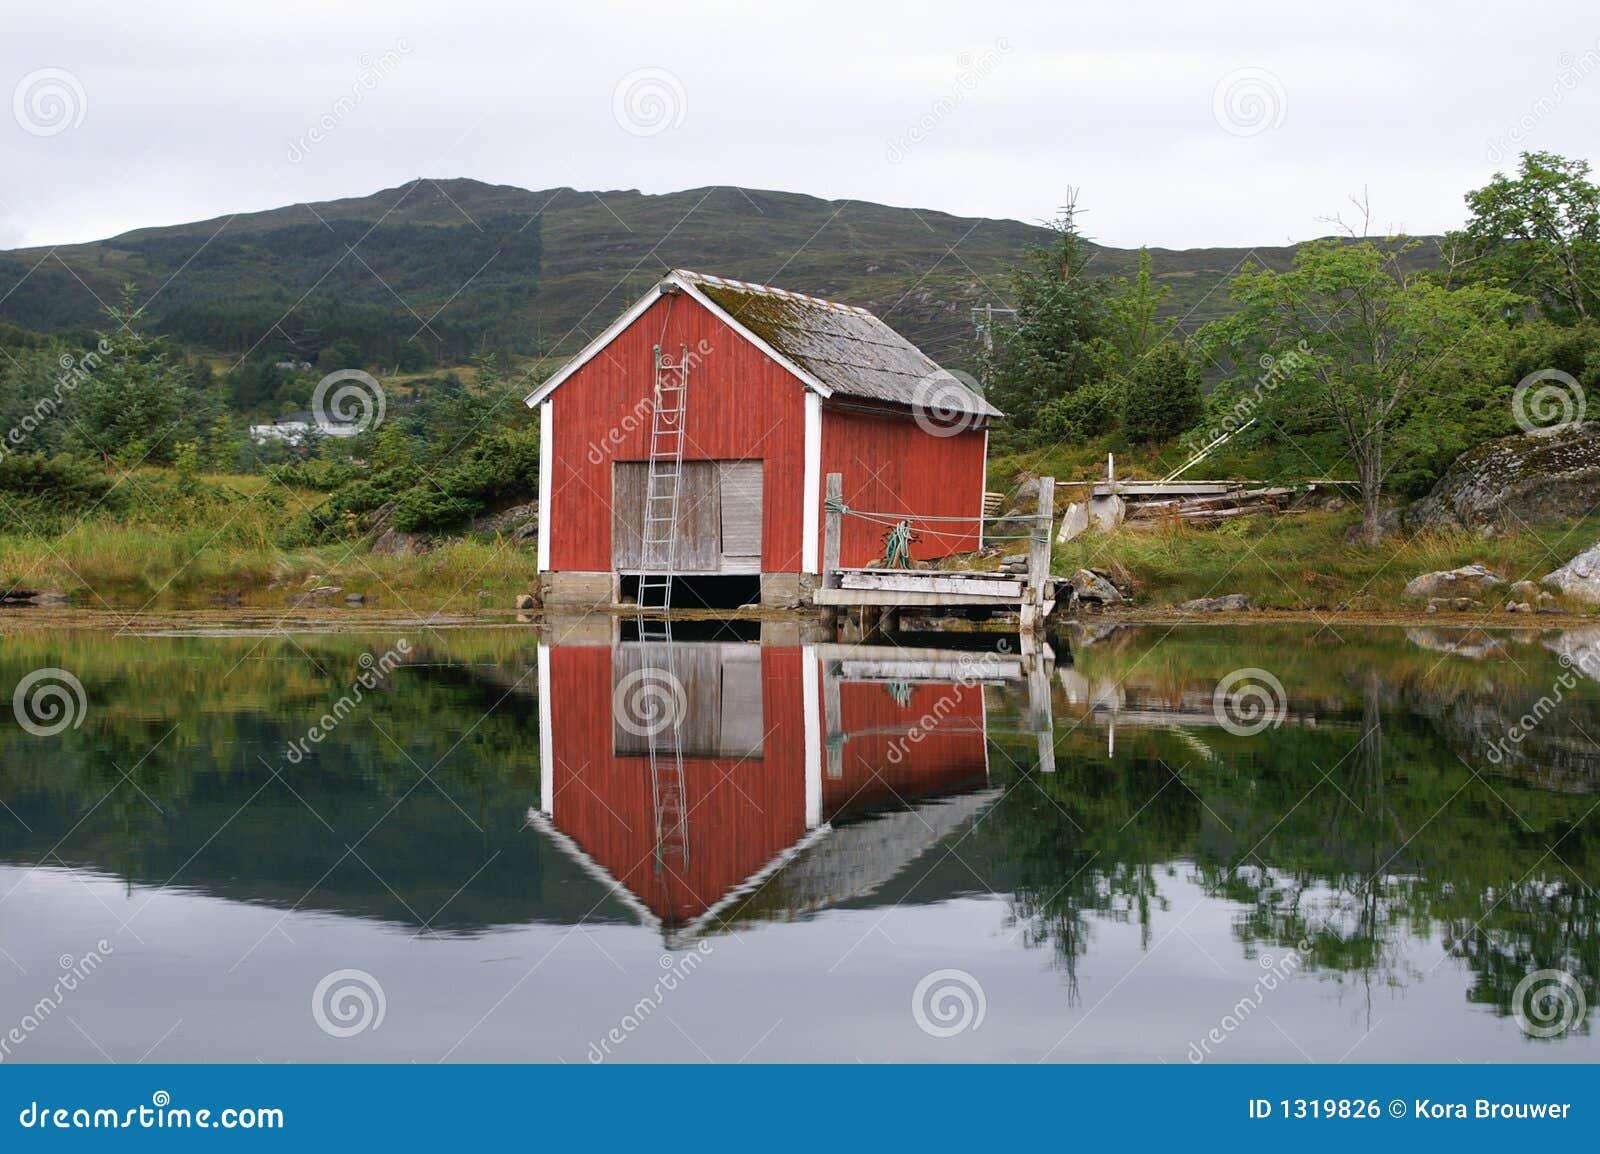 Het huis van de oude visser noorwegen royalty vrije stock afbeelding afbeelding 1319826 for Deco oude huis